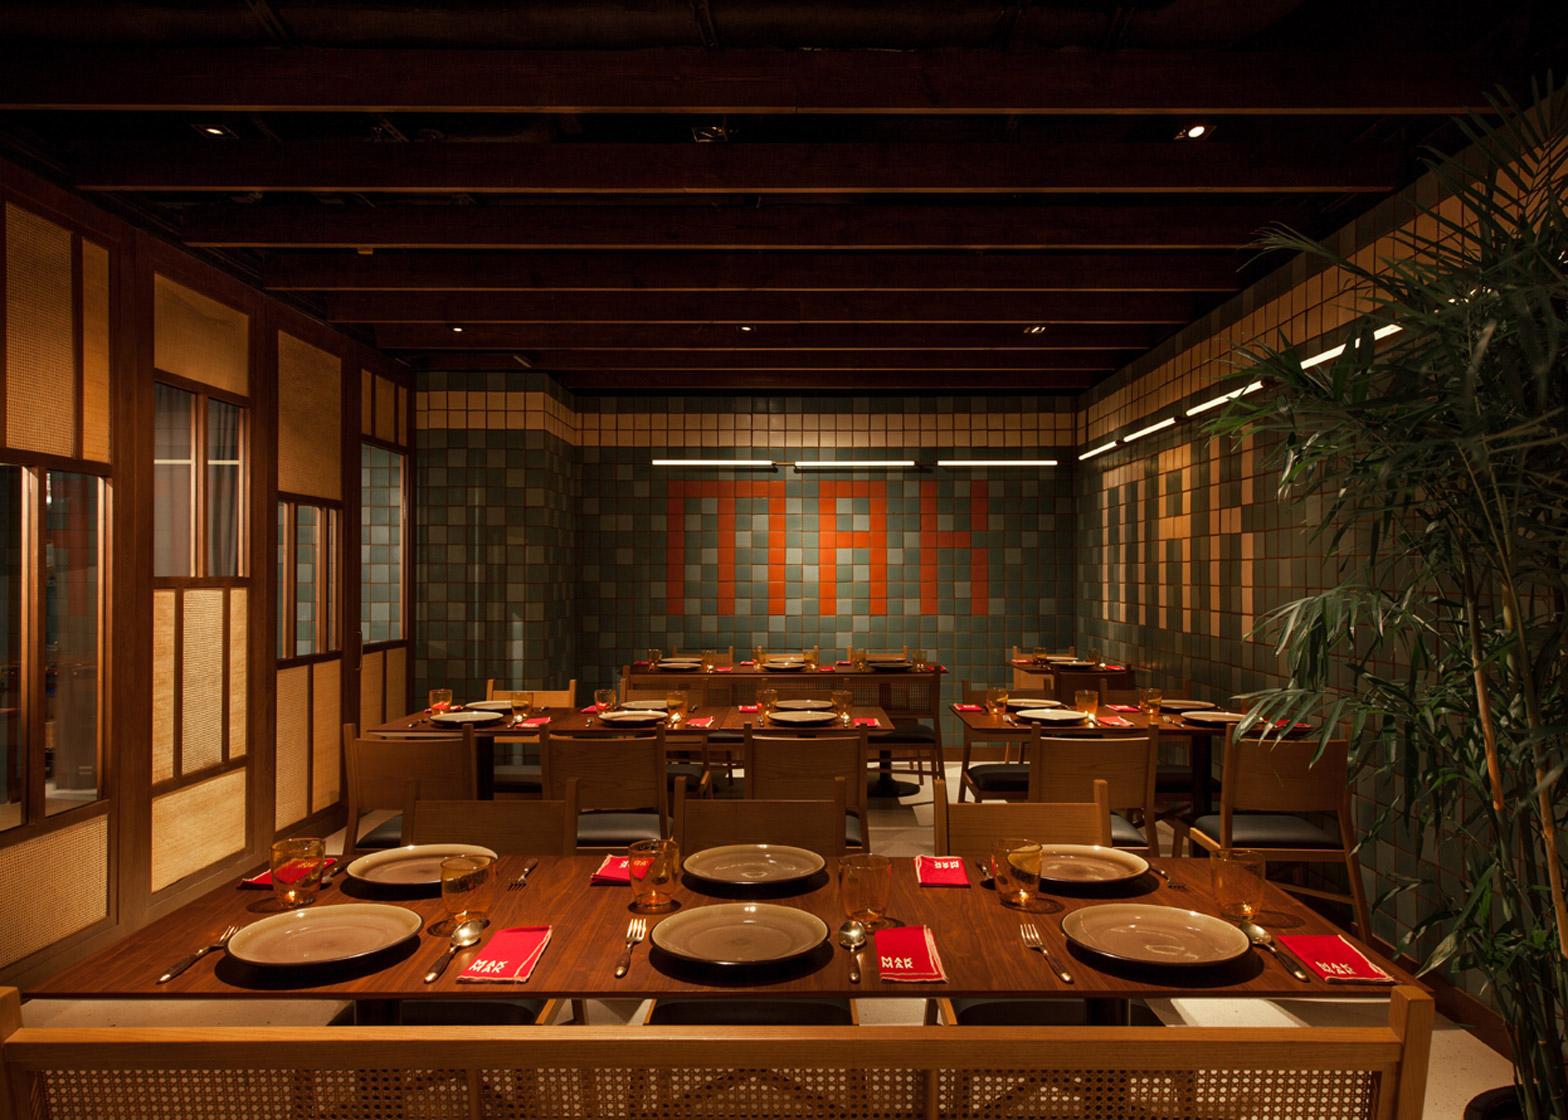 mak-mak-thai-restaurant-nc-design-architecture_dezeen_1568_7